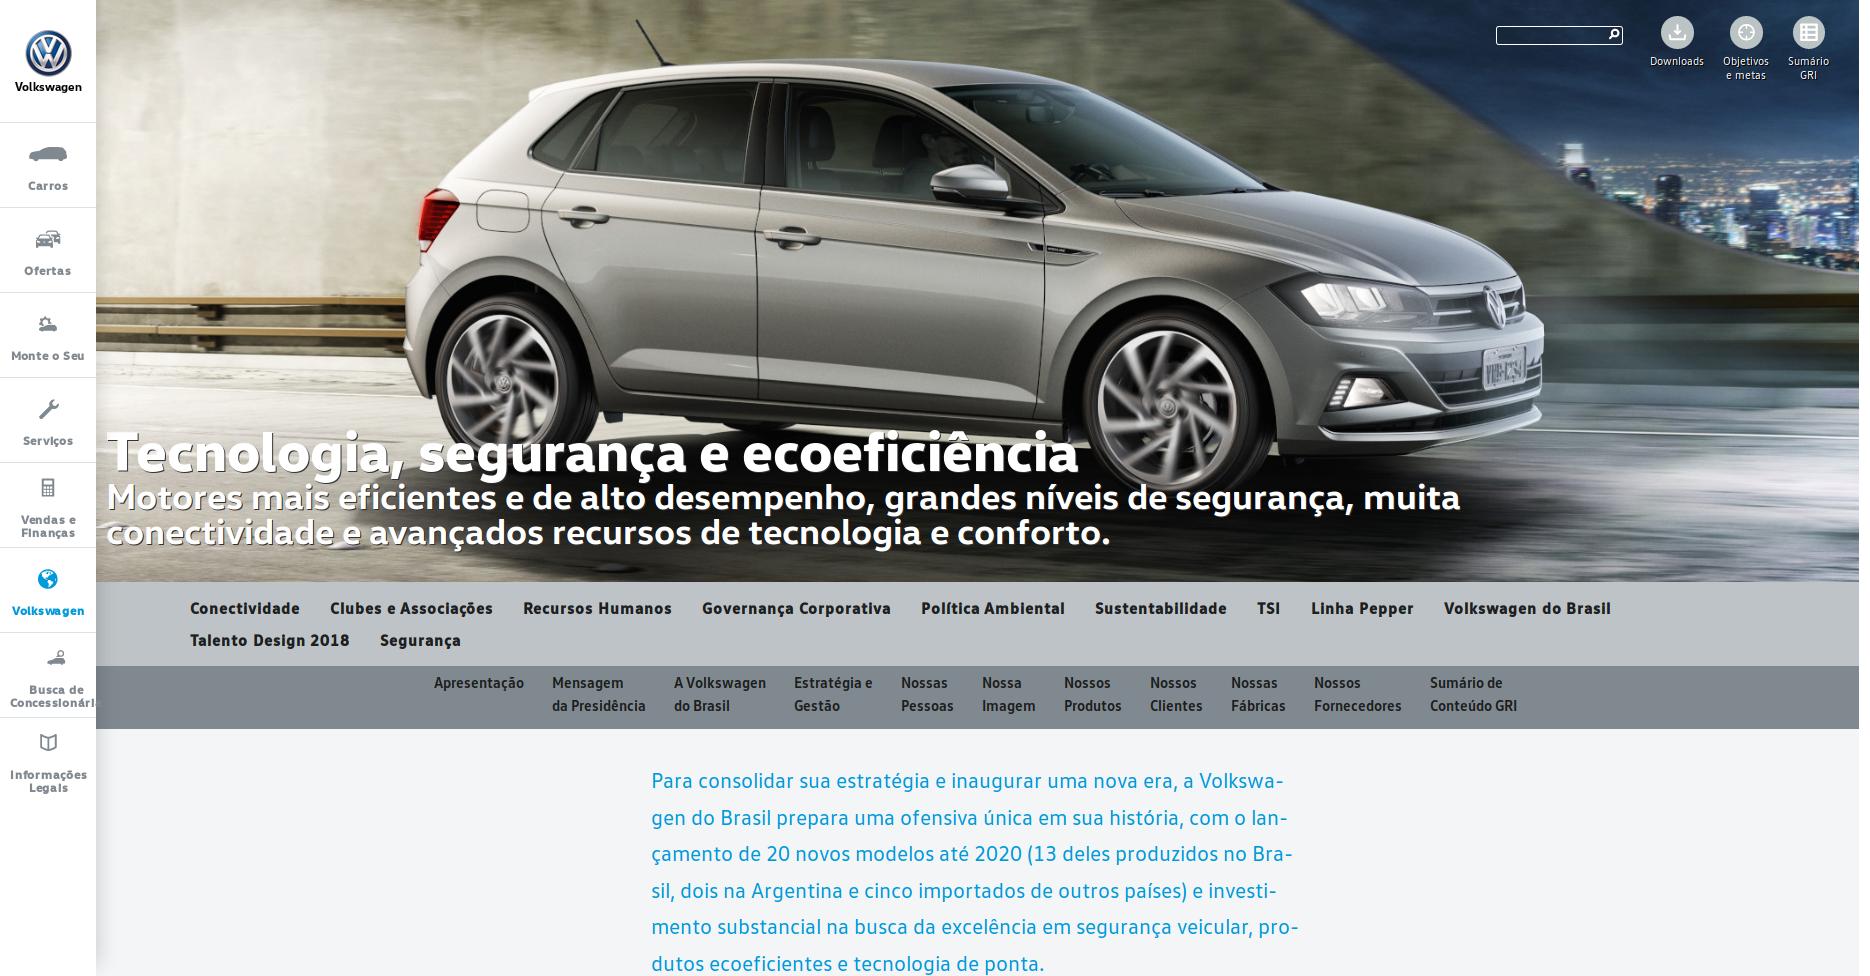 Volkswagen do Brasil lança 6ª edição de seu Anuário de Responsabilidade Corporativa